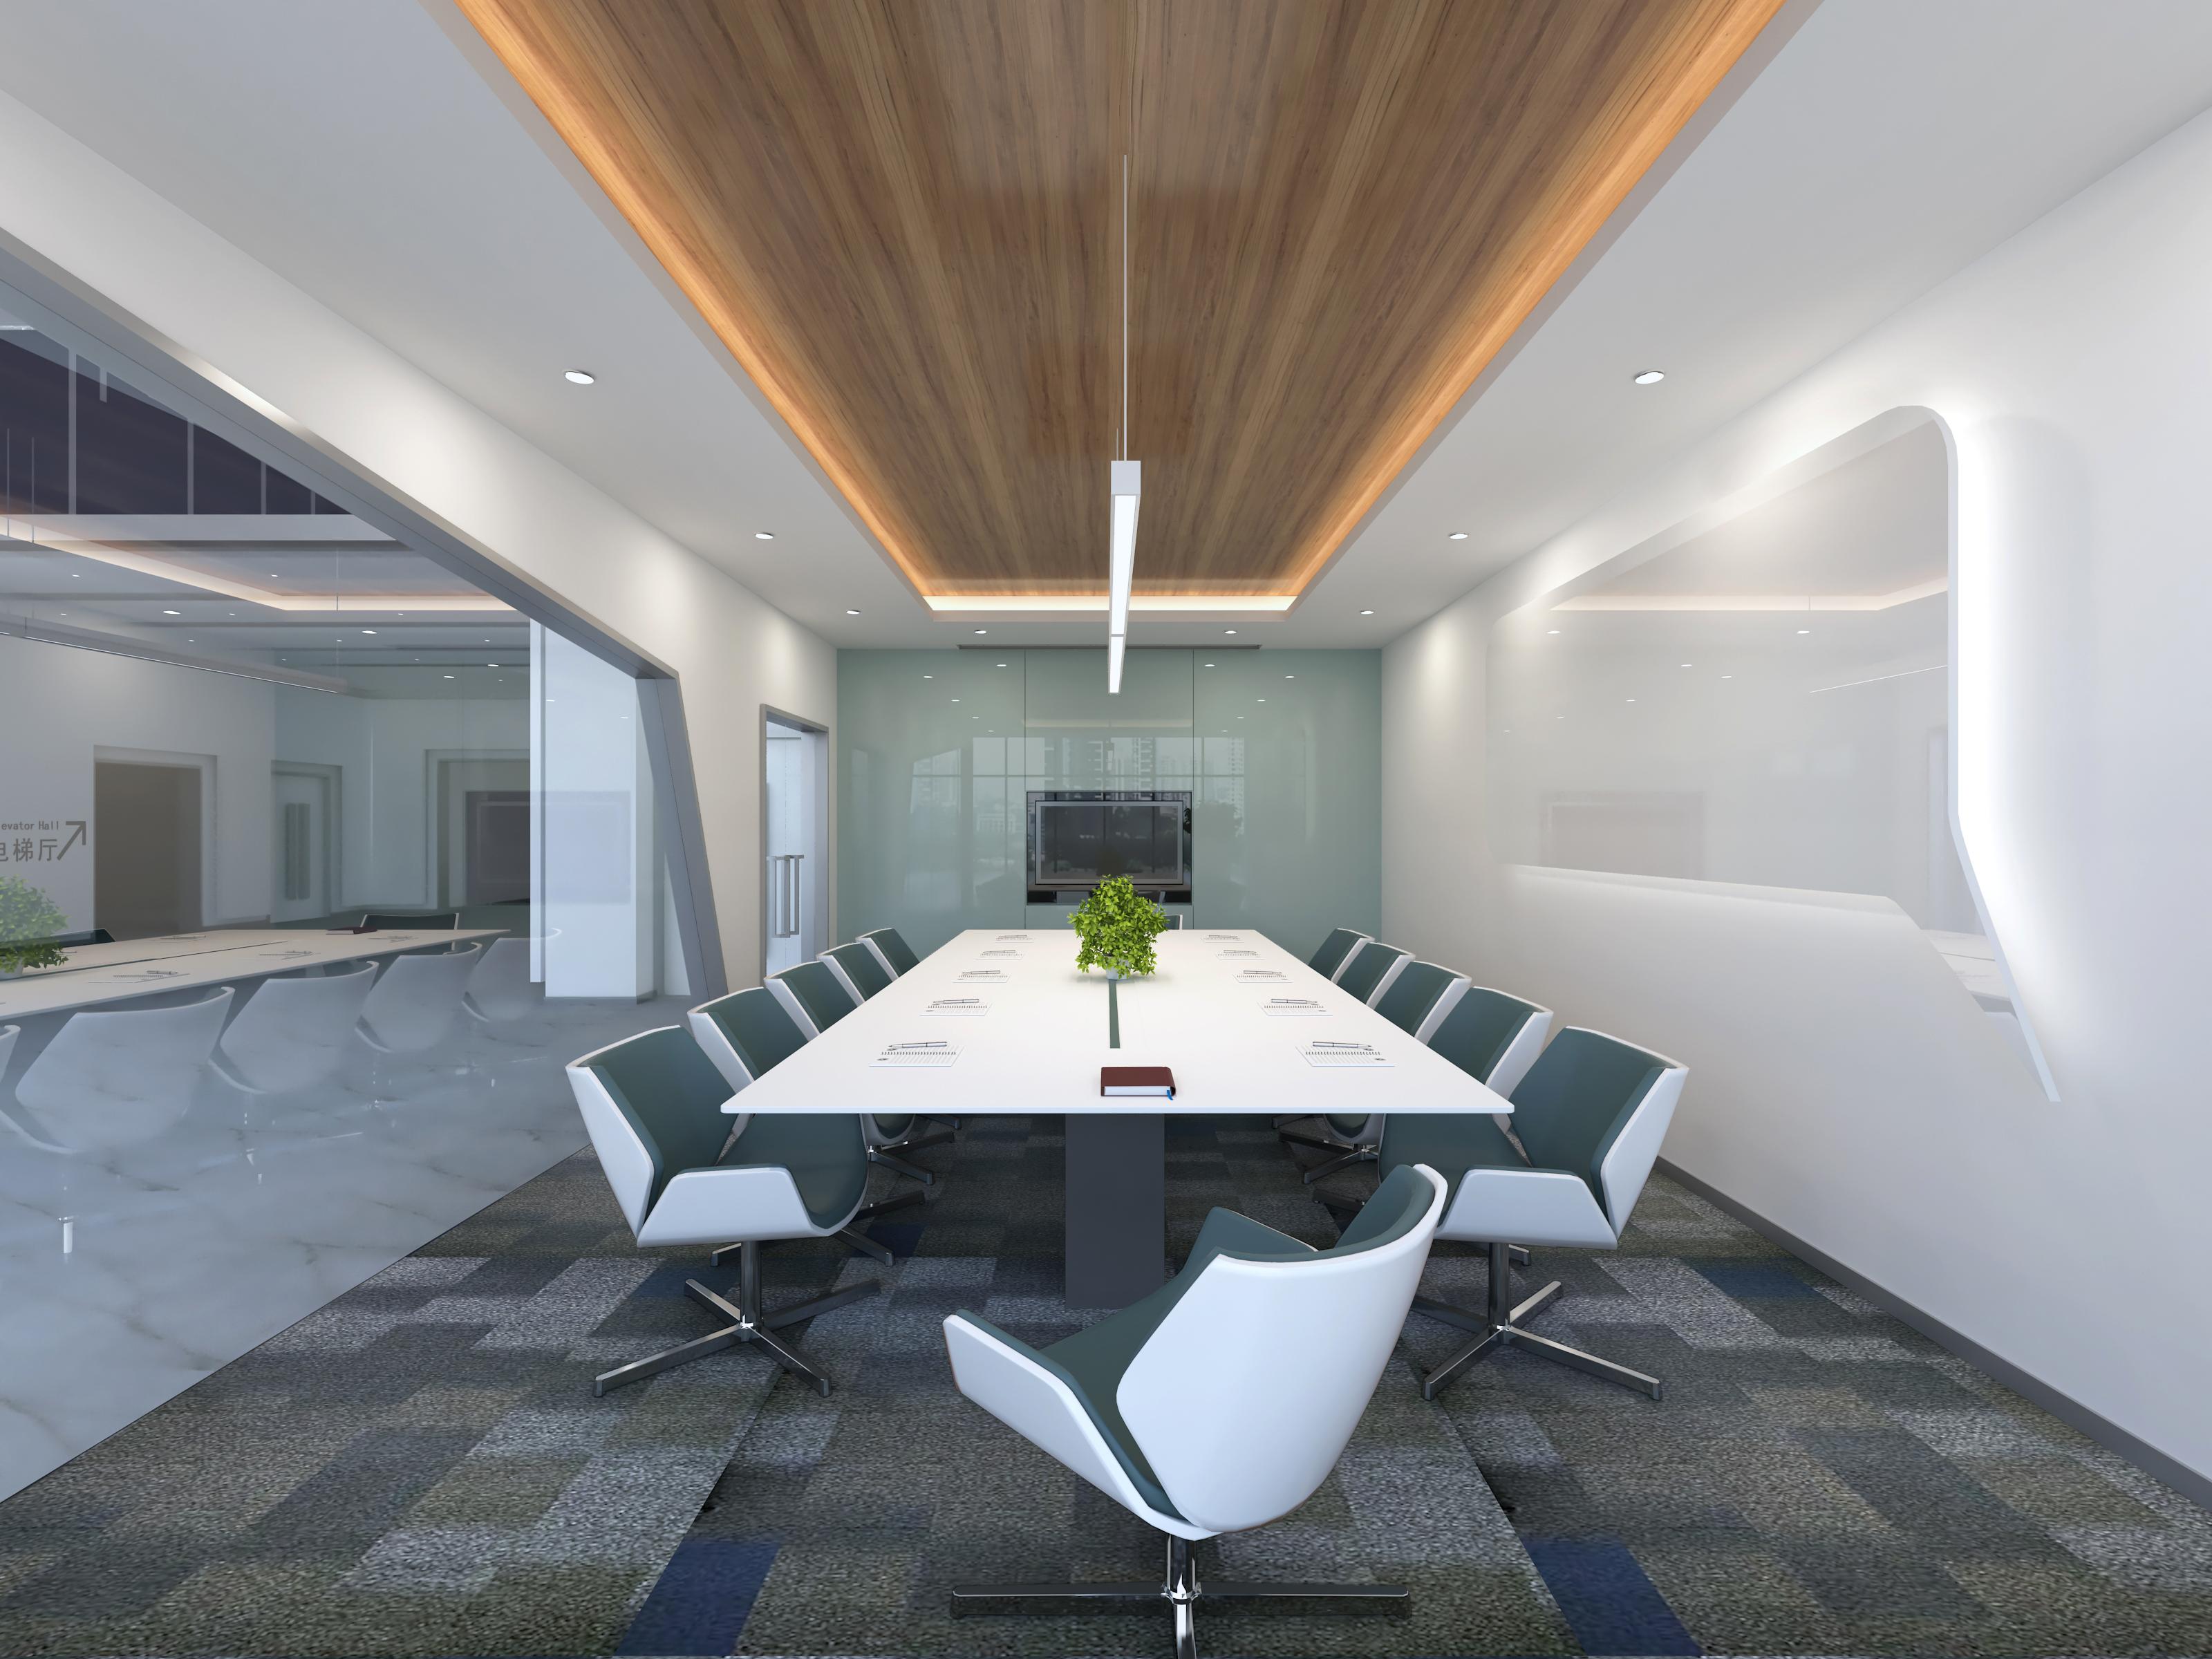 办公大堂及会议室设计效果图|空间|室内设计|曹欹图片